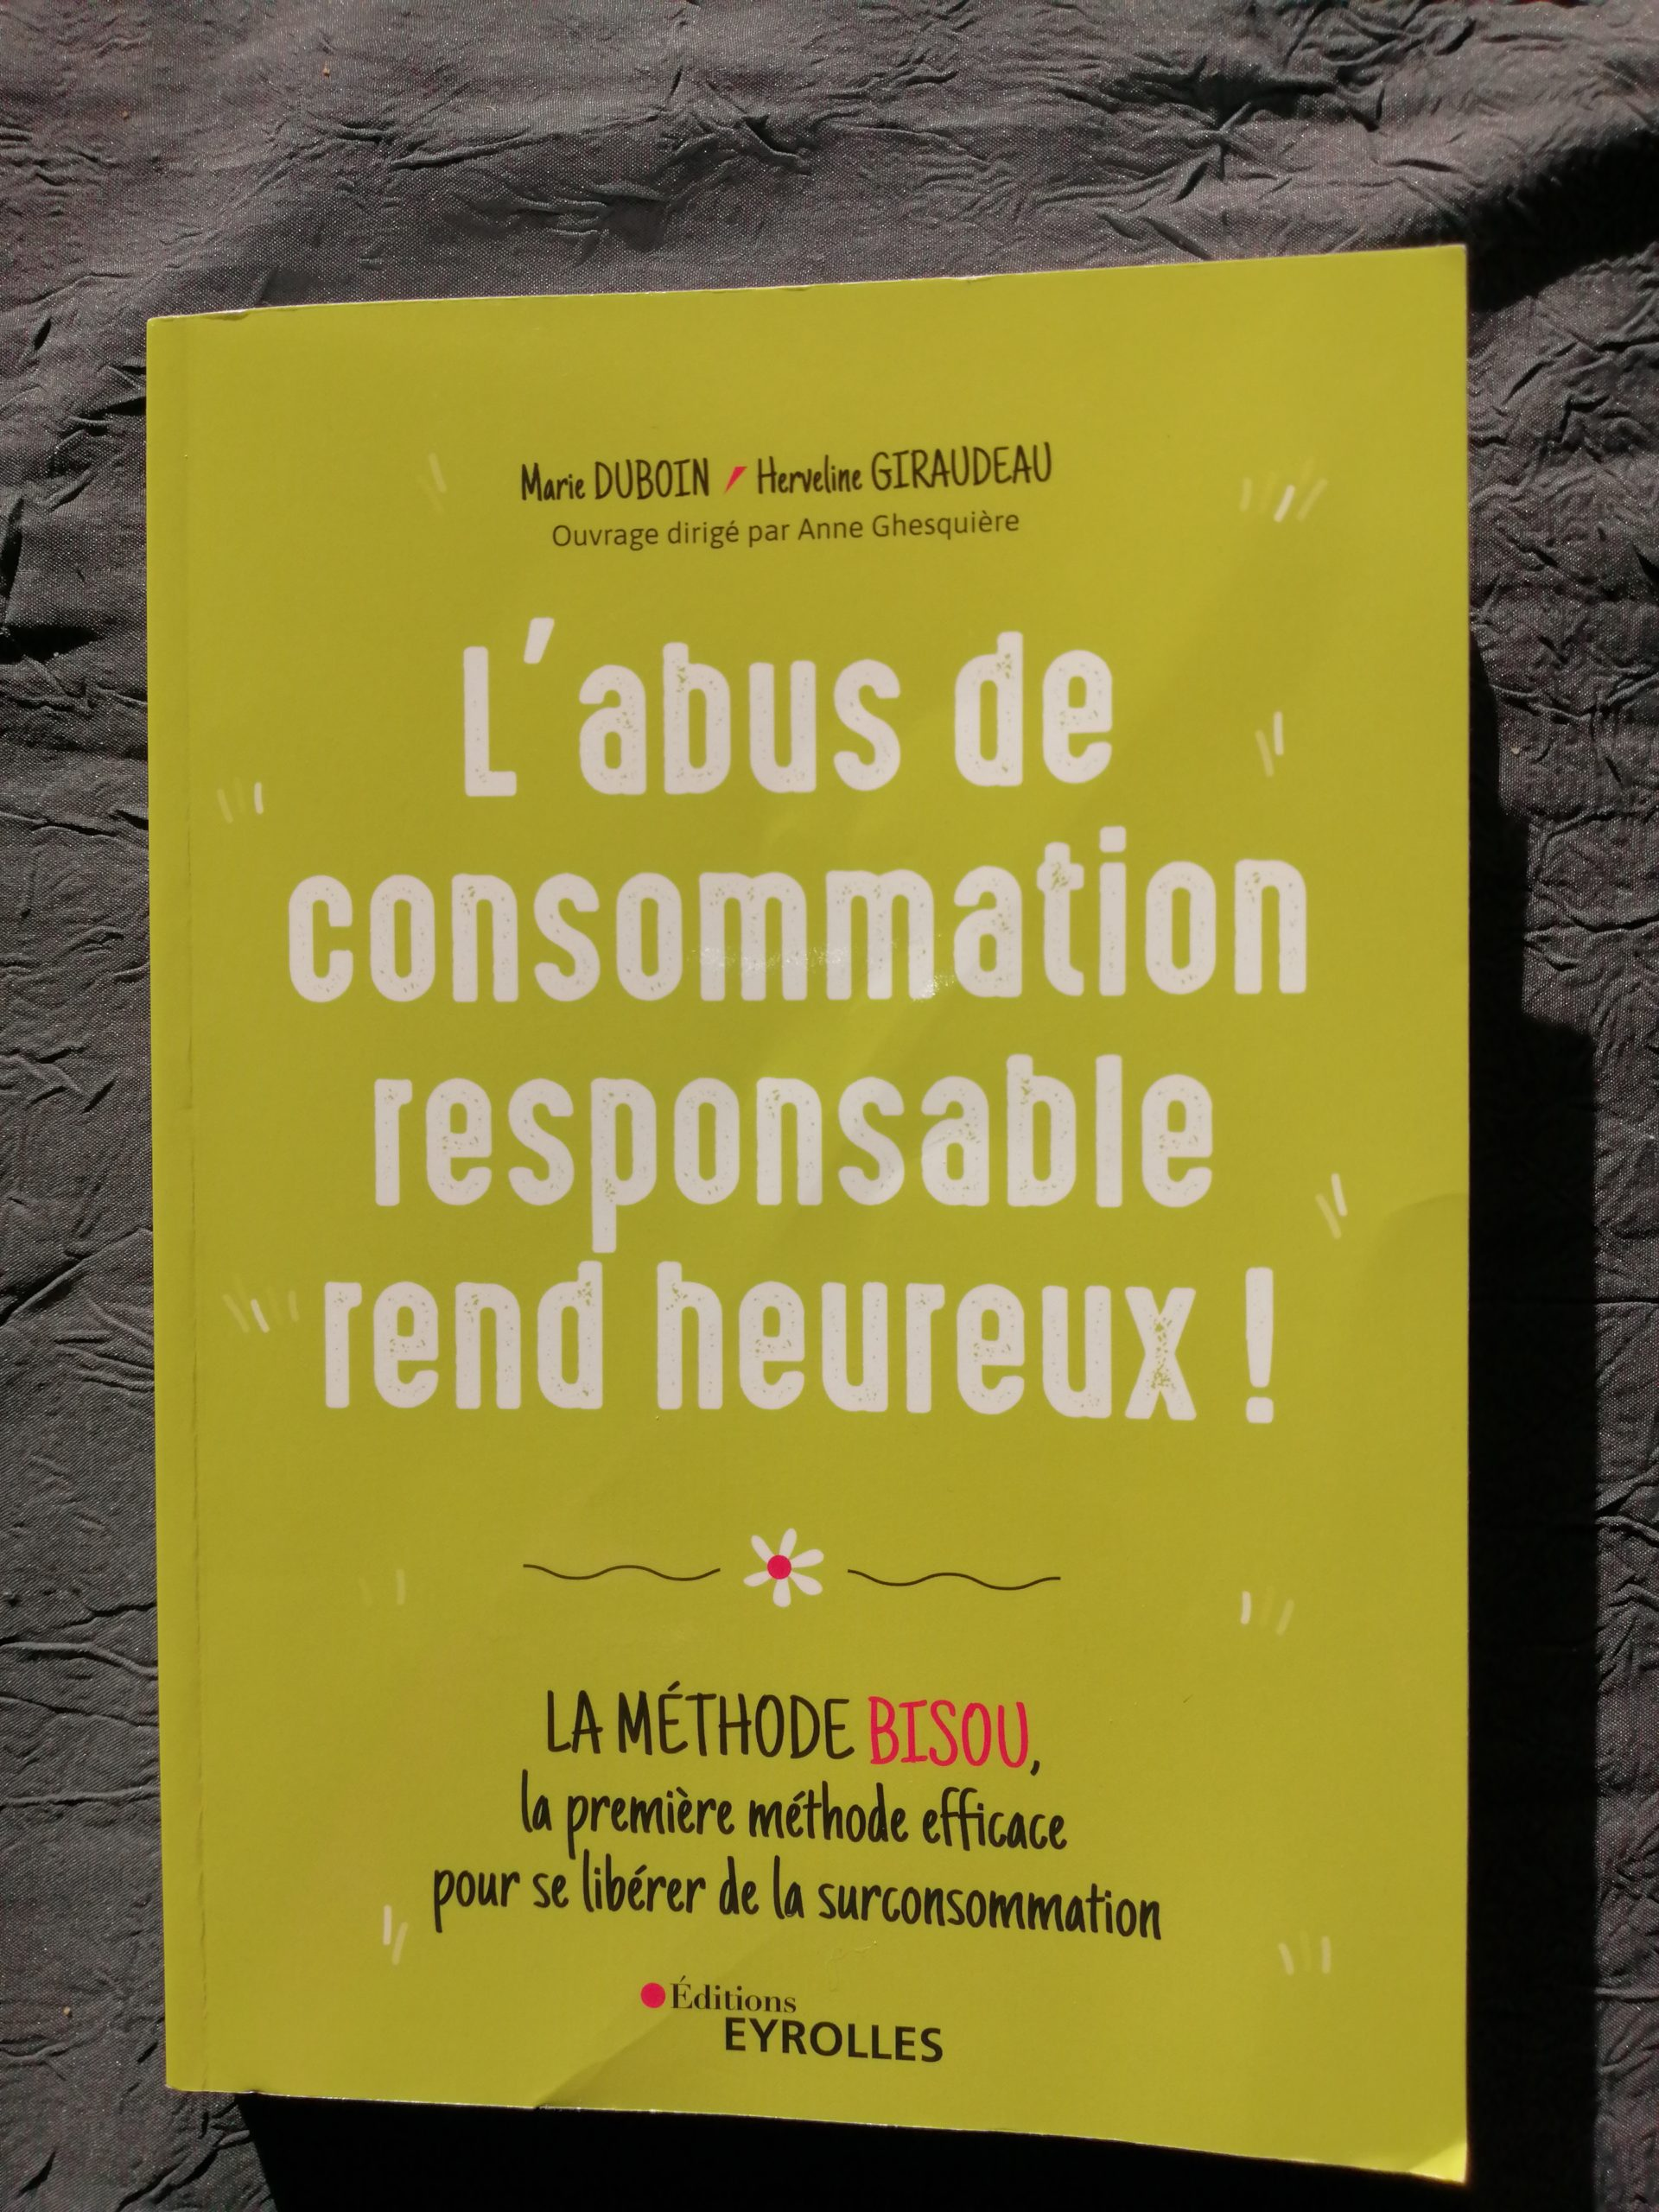 L'abus de consommation responsable rend heureux